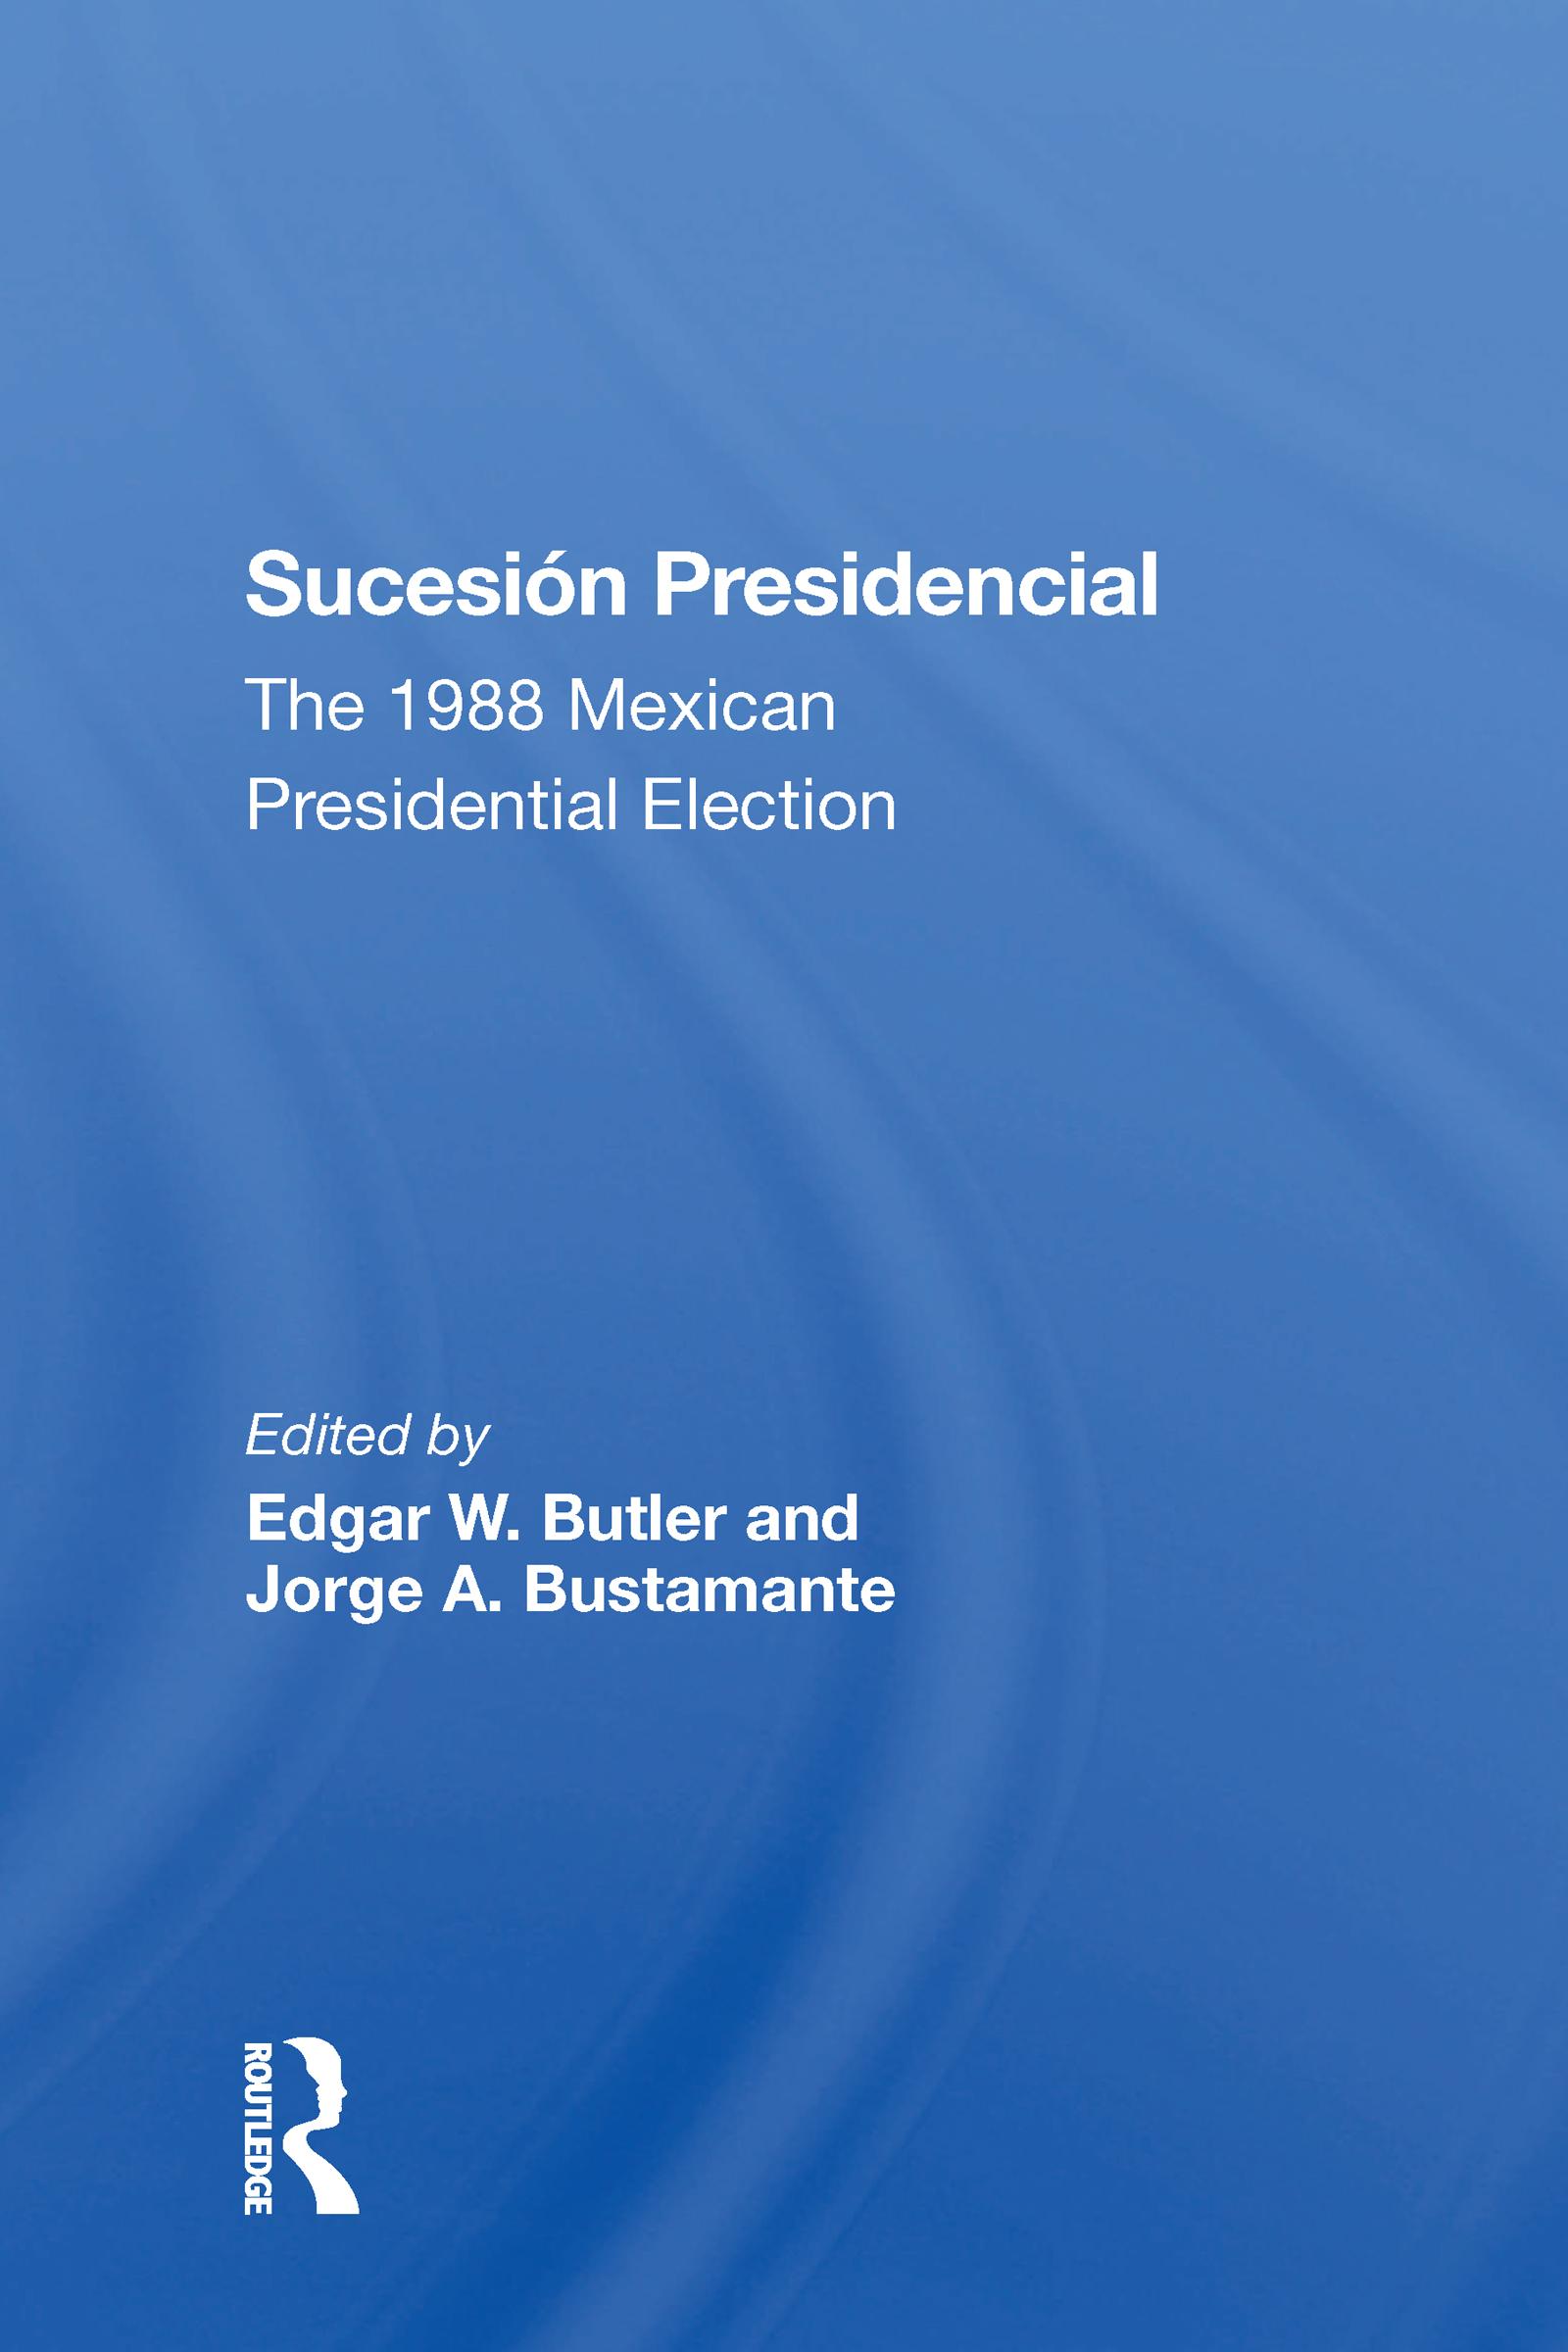 Sucesion Presidencial